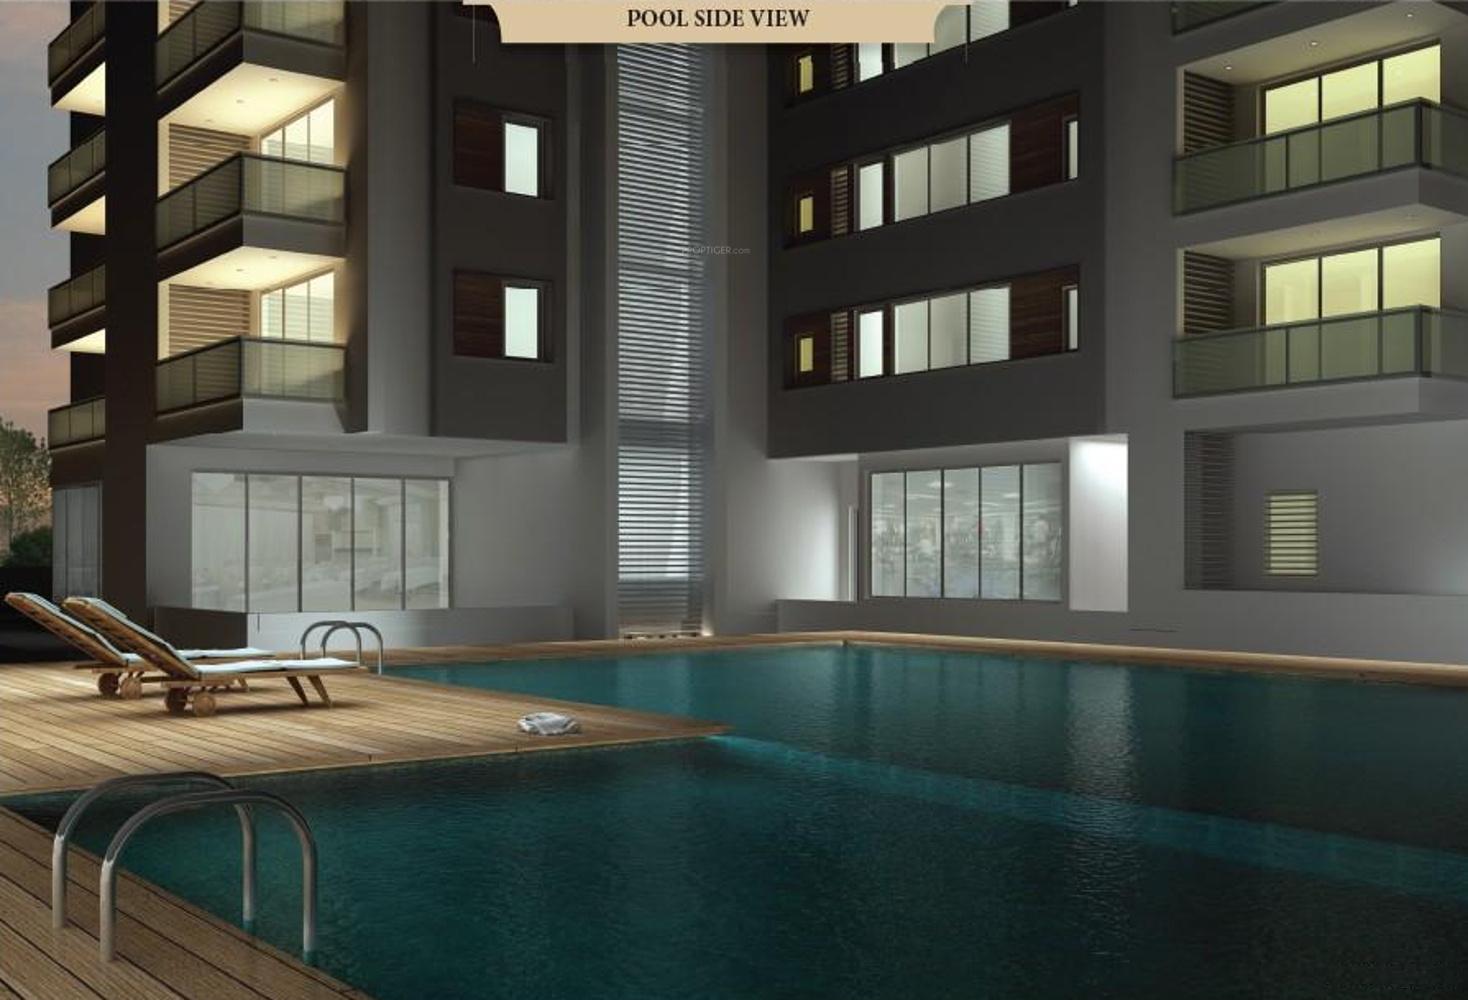 4526 Sq Ft 4 BHK 5T Apartment In Prestige Group Deja Vu